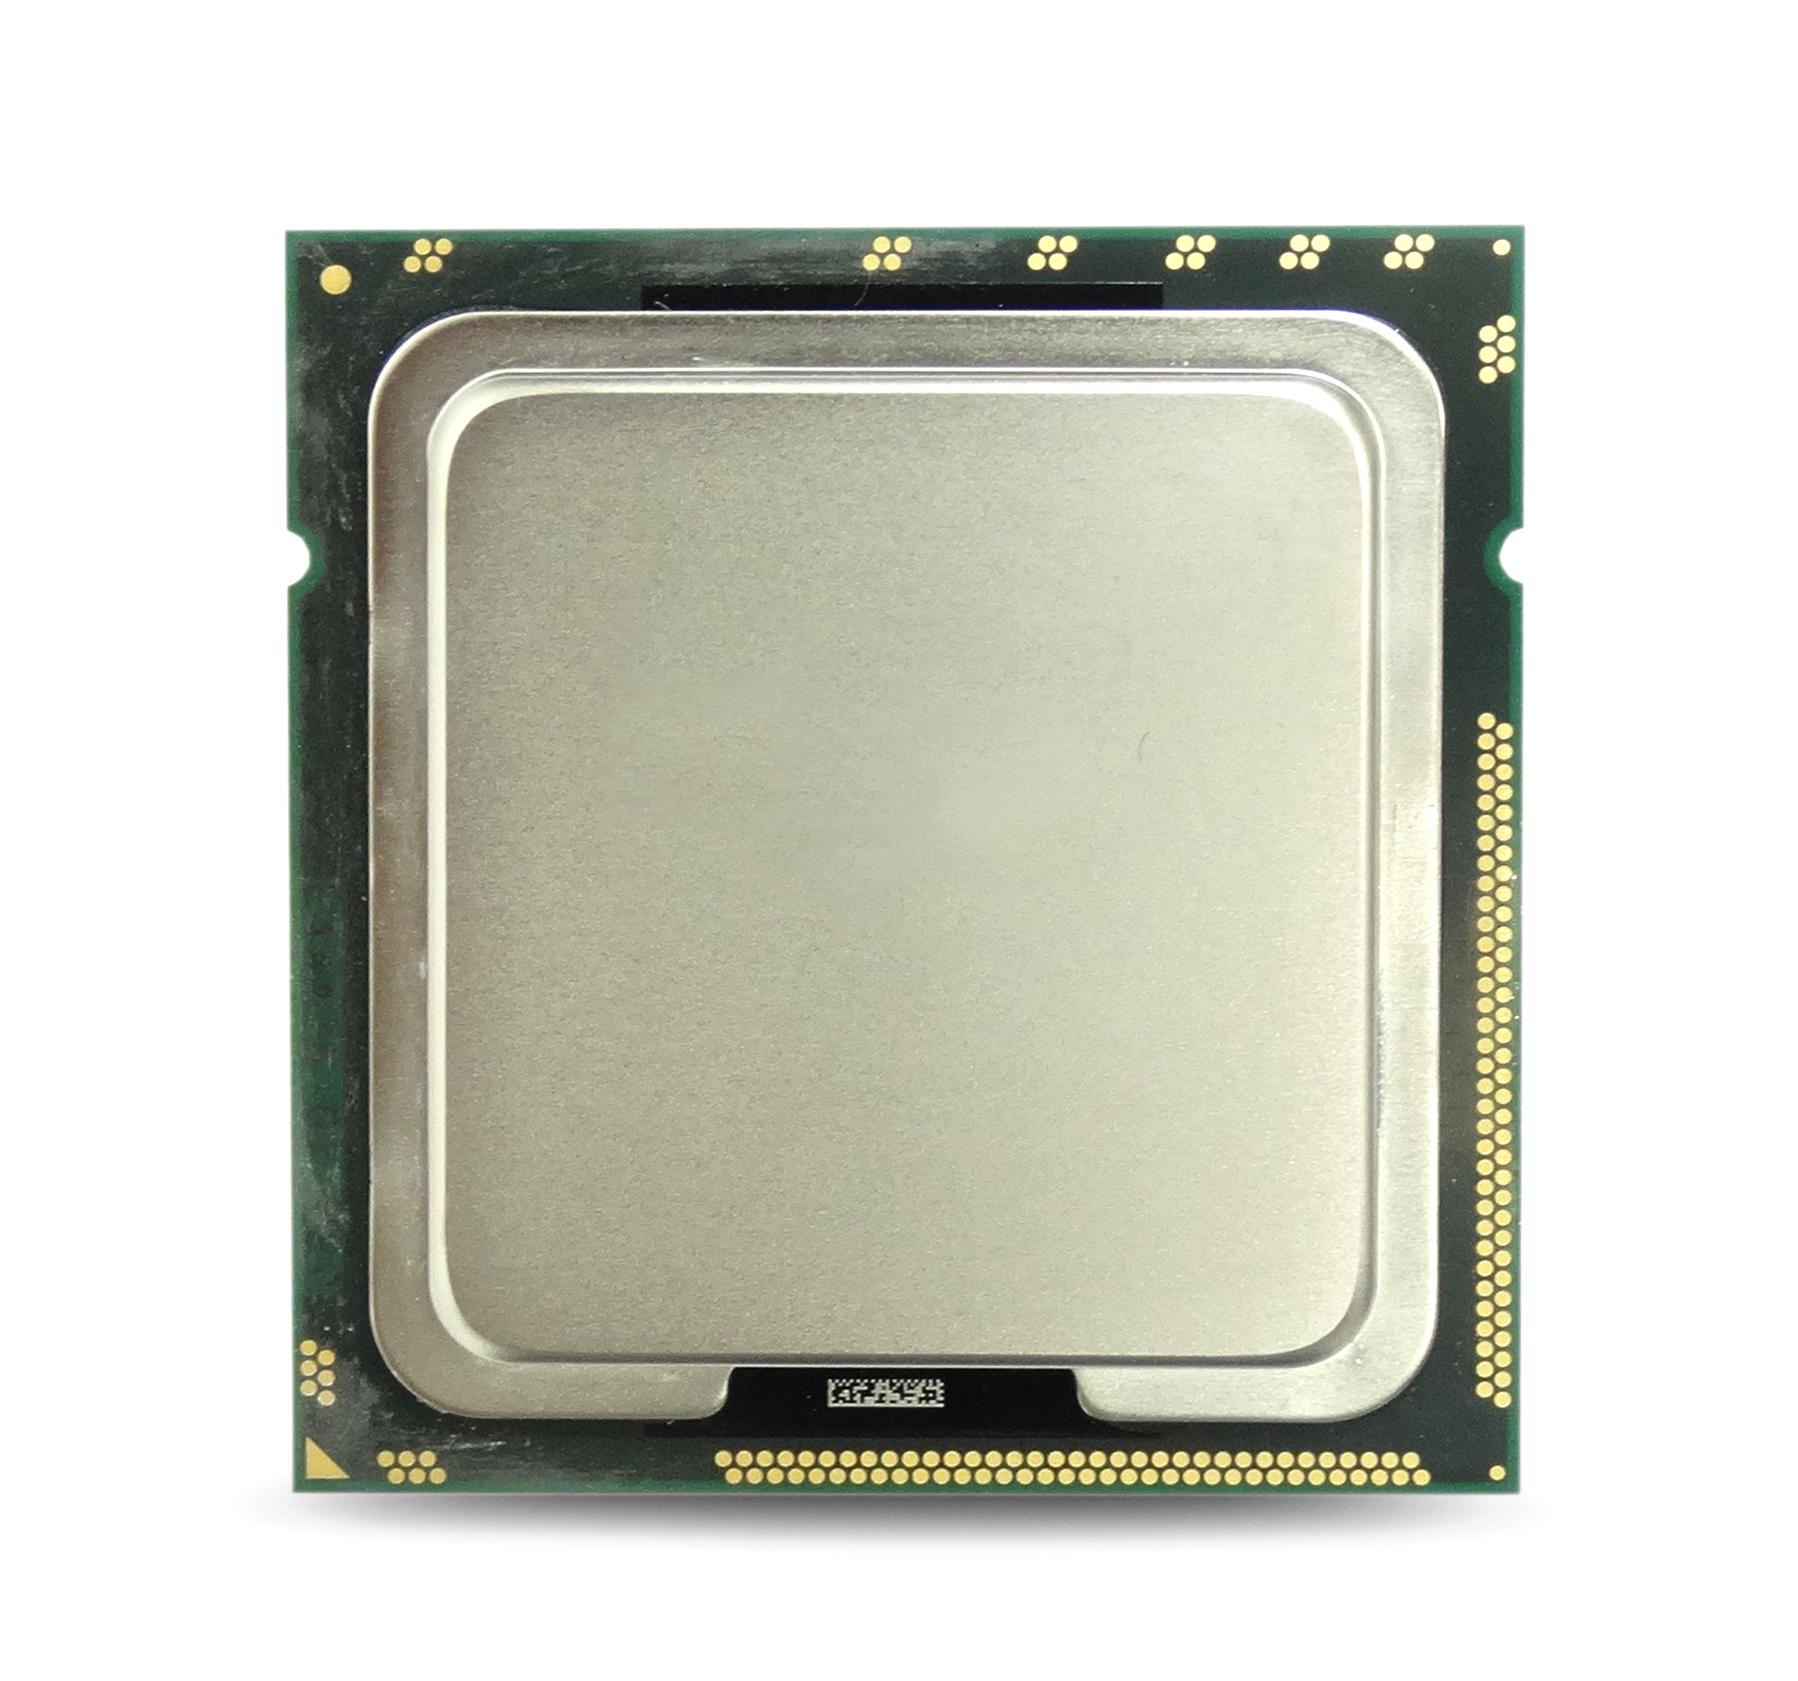 INTEL XEON E3-1220 3.1GHZ QUAD CORE 8MB CACHE LGA 1155 PROCESSOR (SR00F)